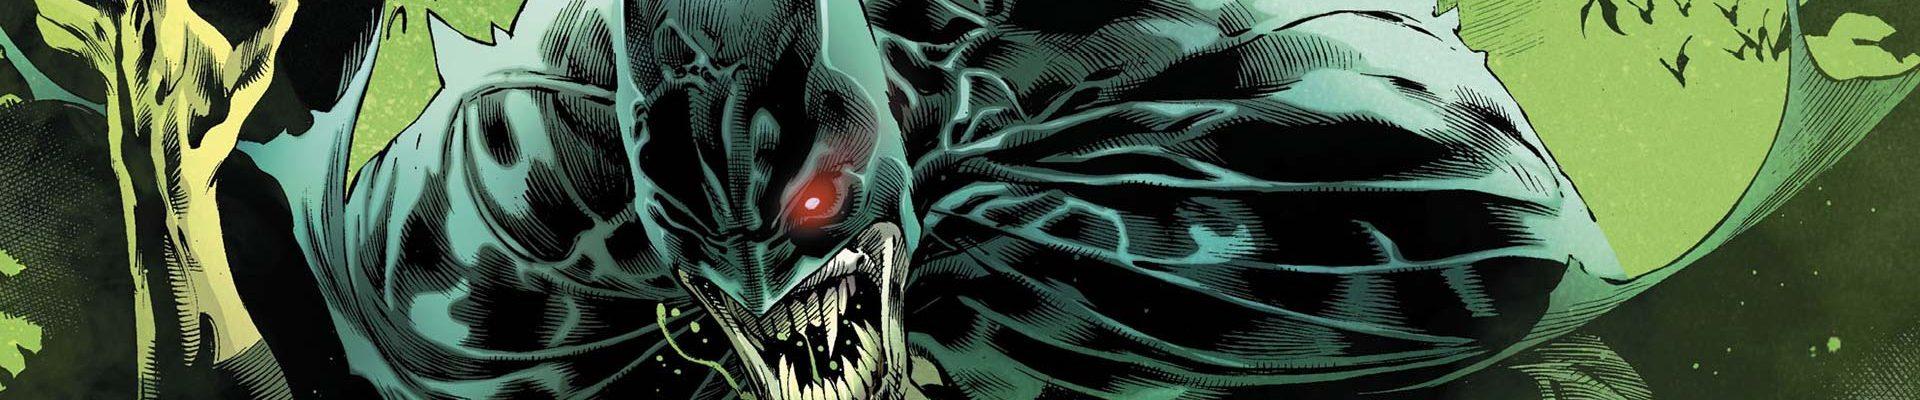 Detective Comics 985